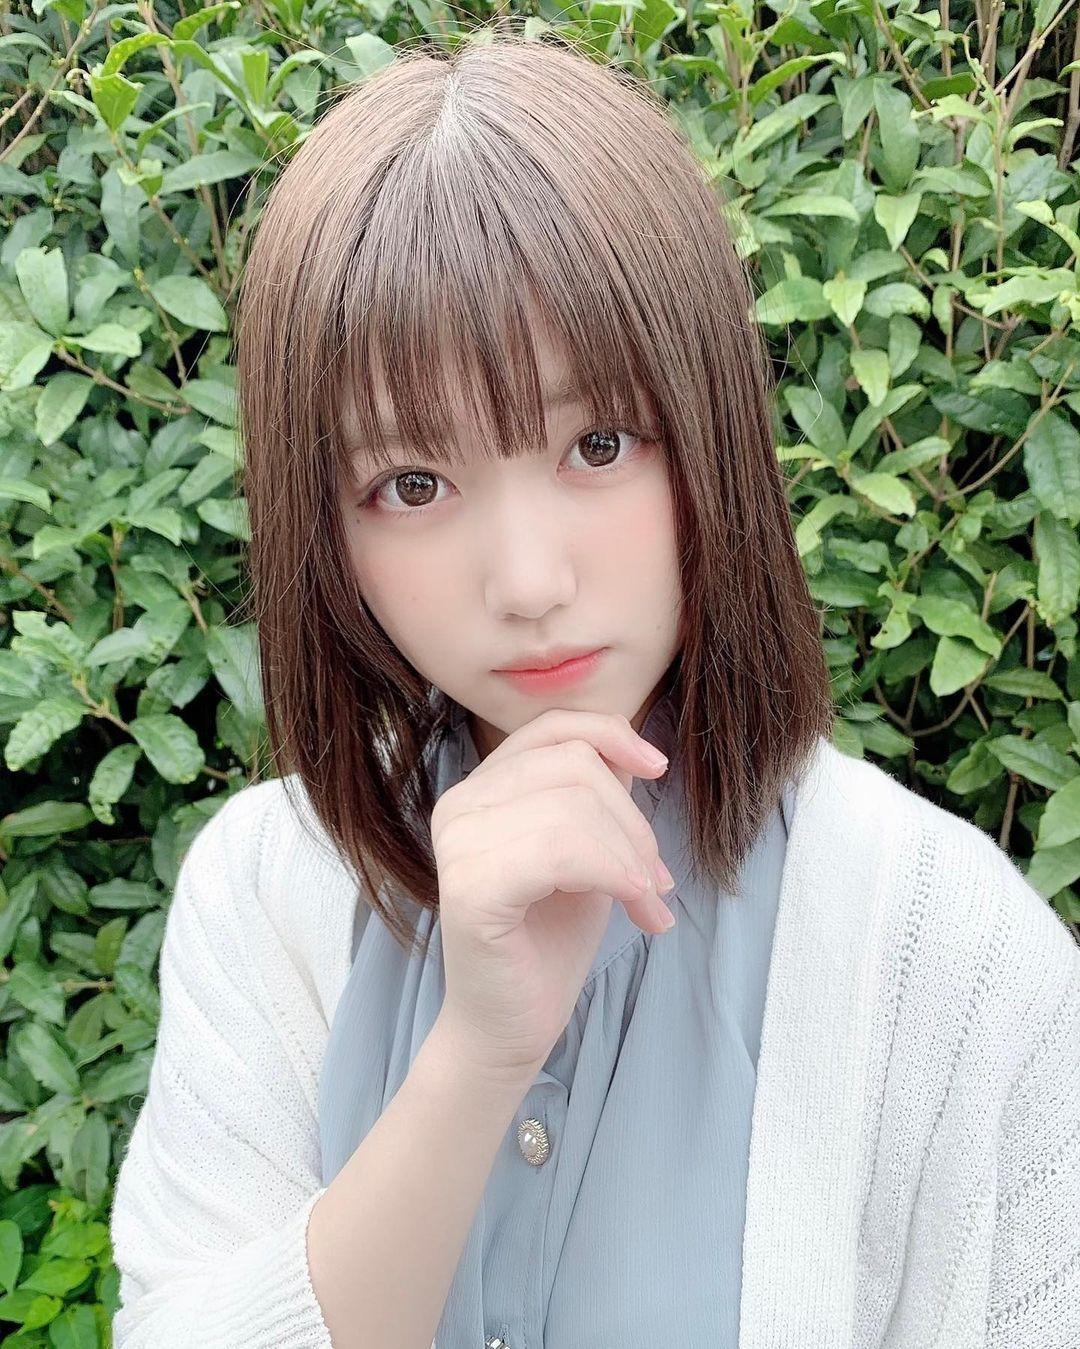 【喵妹】仙女高中生「KAREN」甜美外型仿佛二次元走出来浑身散发「空灵气质」梦幻程度满分